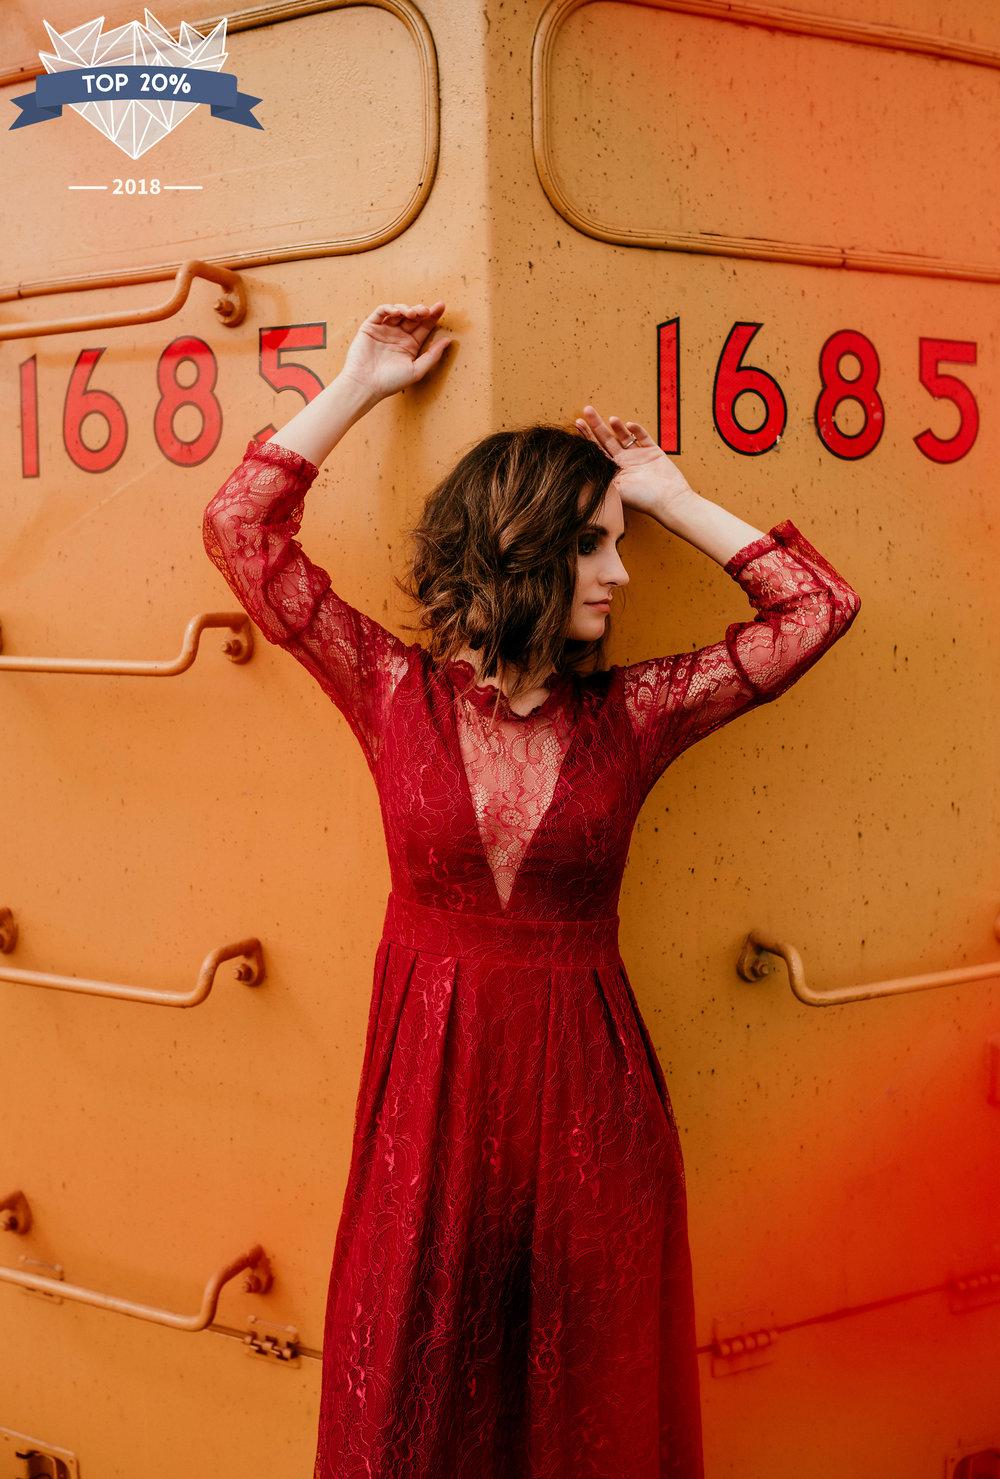 dress-1 copy.jpg